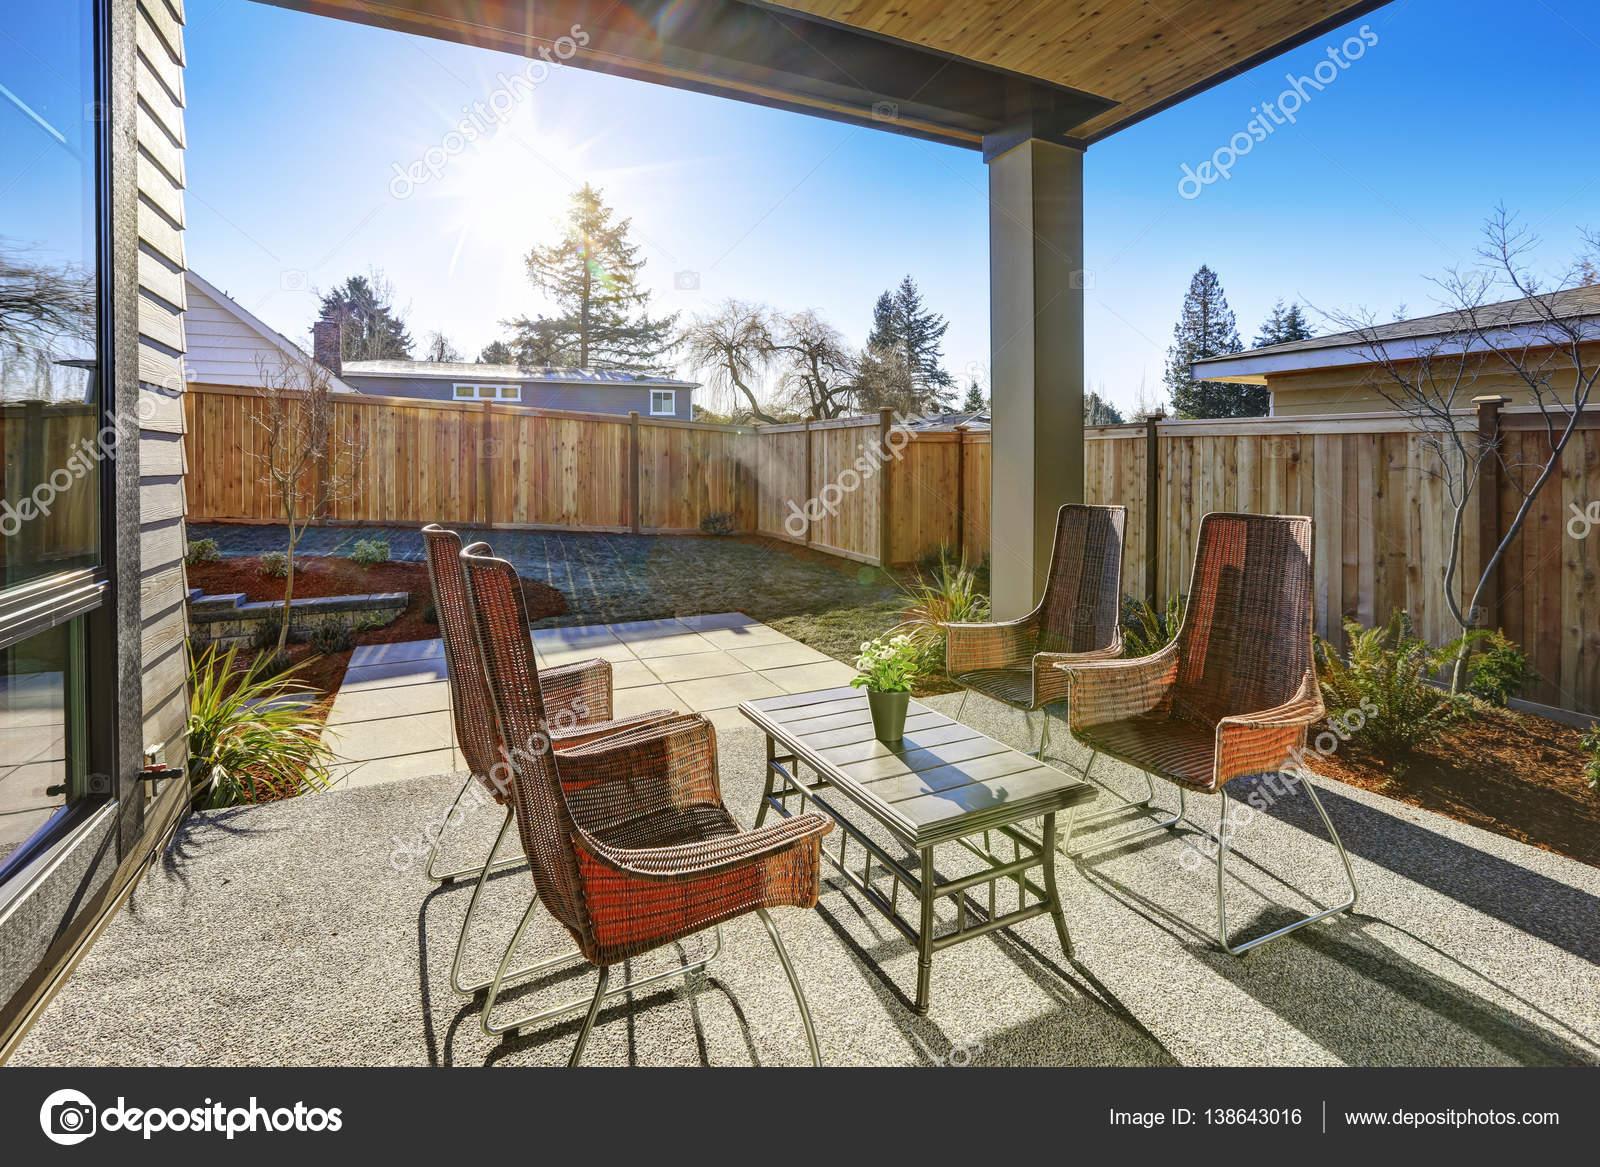 Hinterhof bedeckt Terrasse Design mit hohem Rücken ...